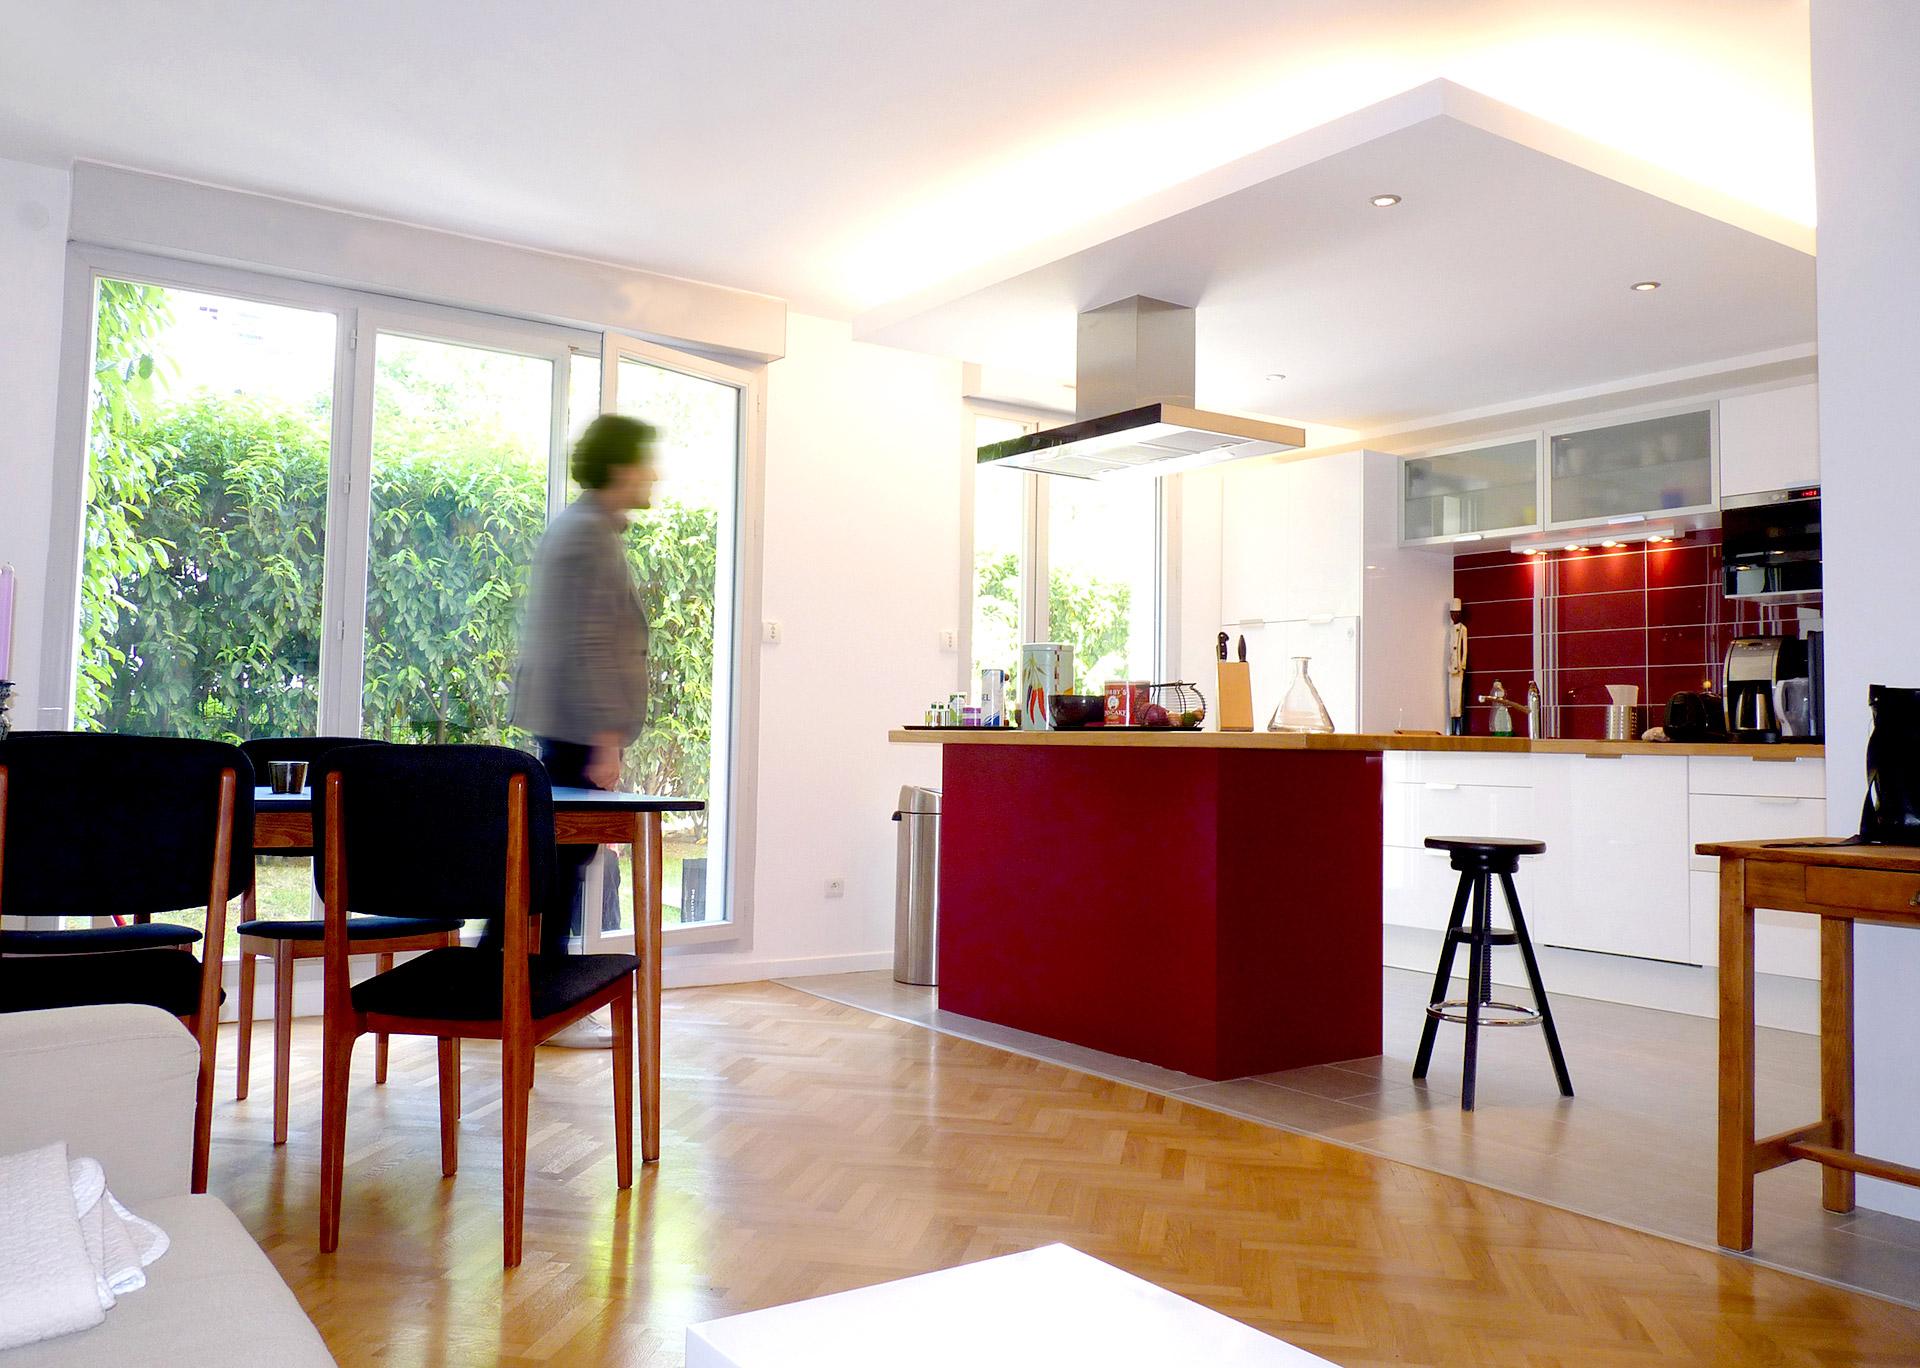 cuisine ouverte jardin eclairage led agence avous